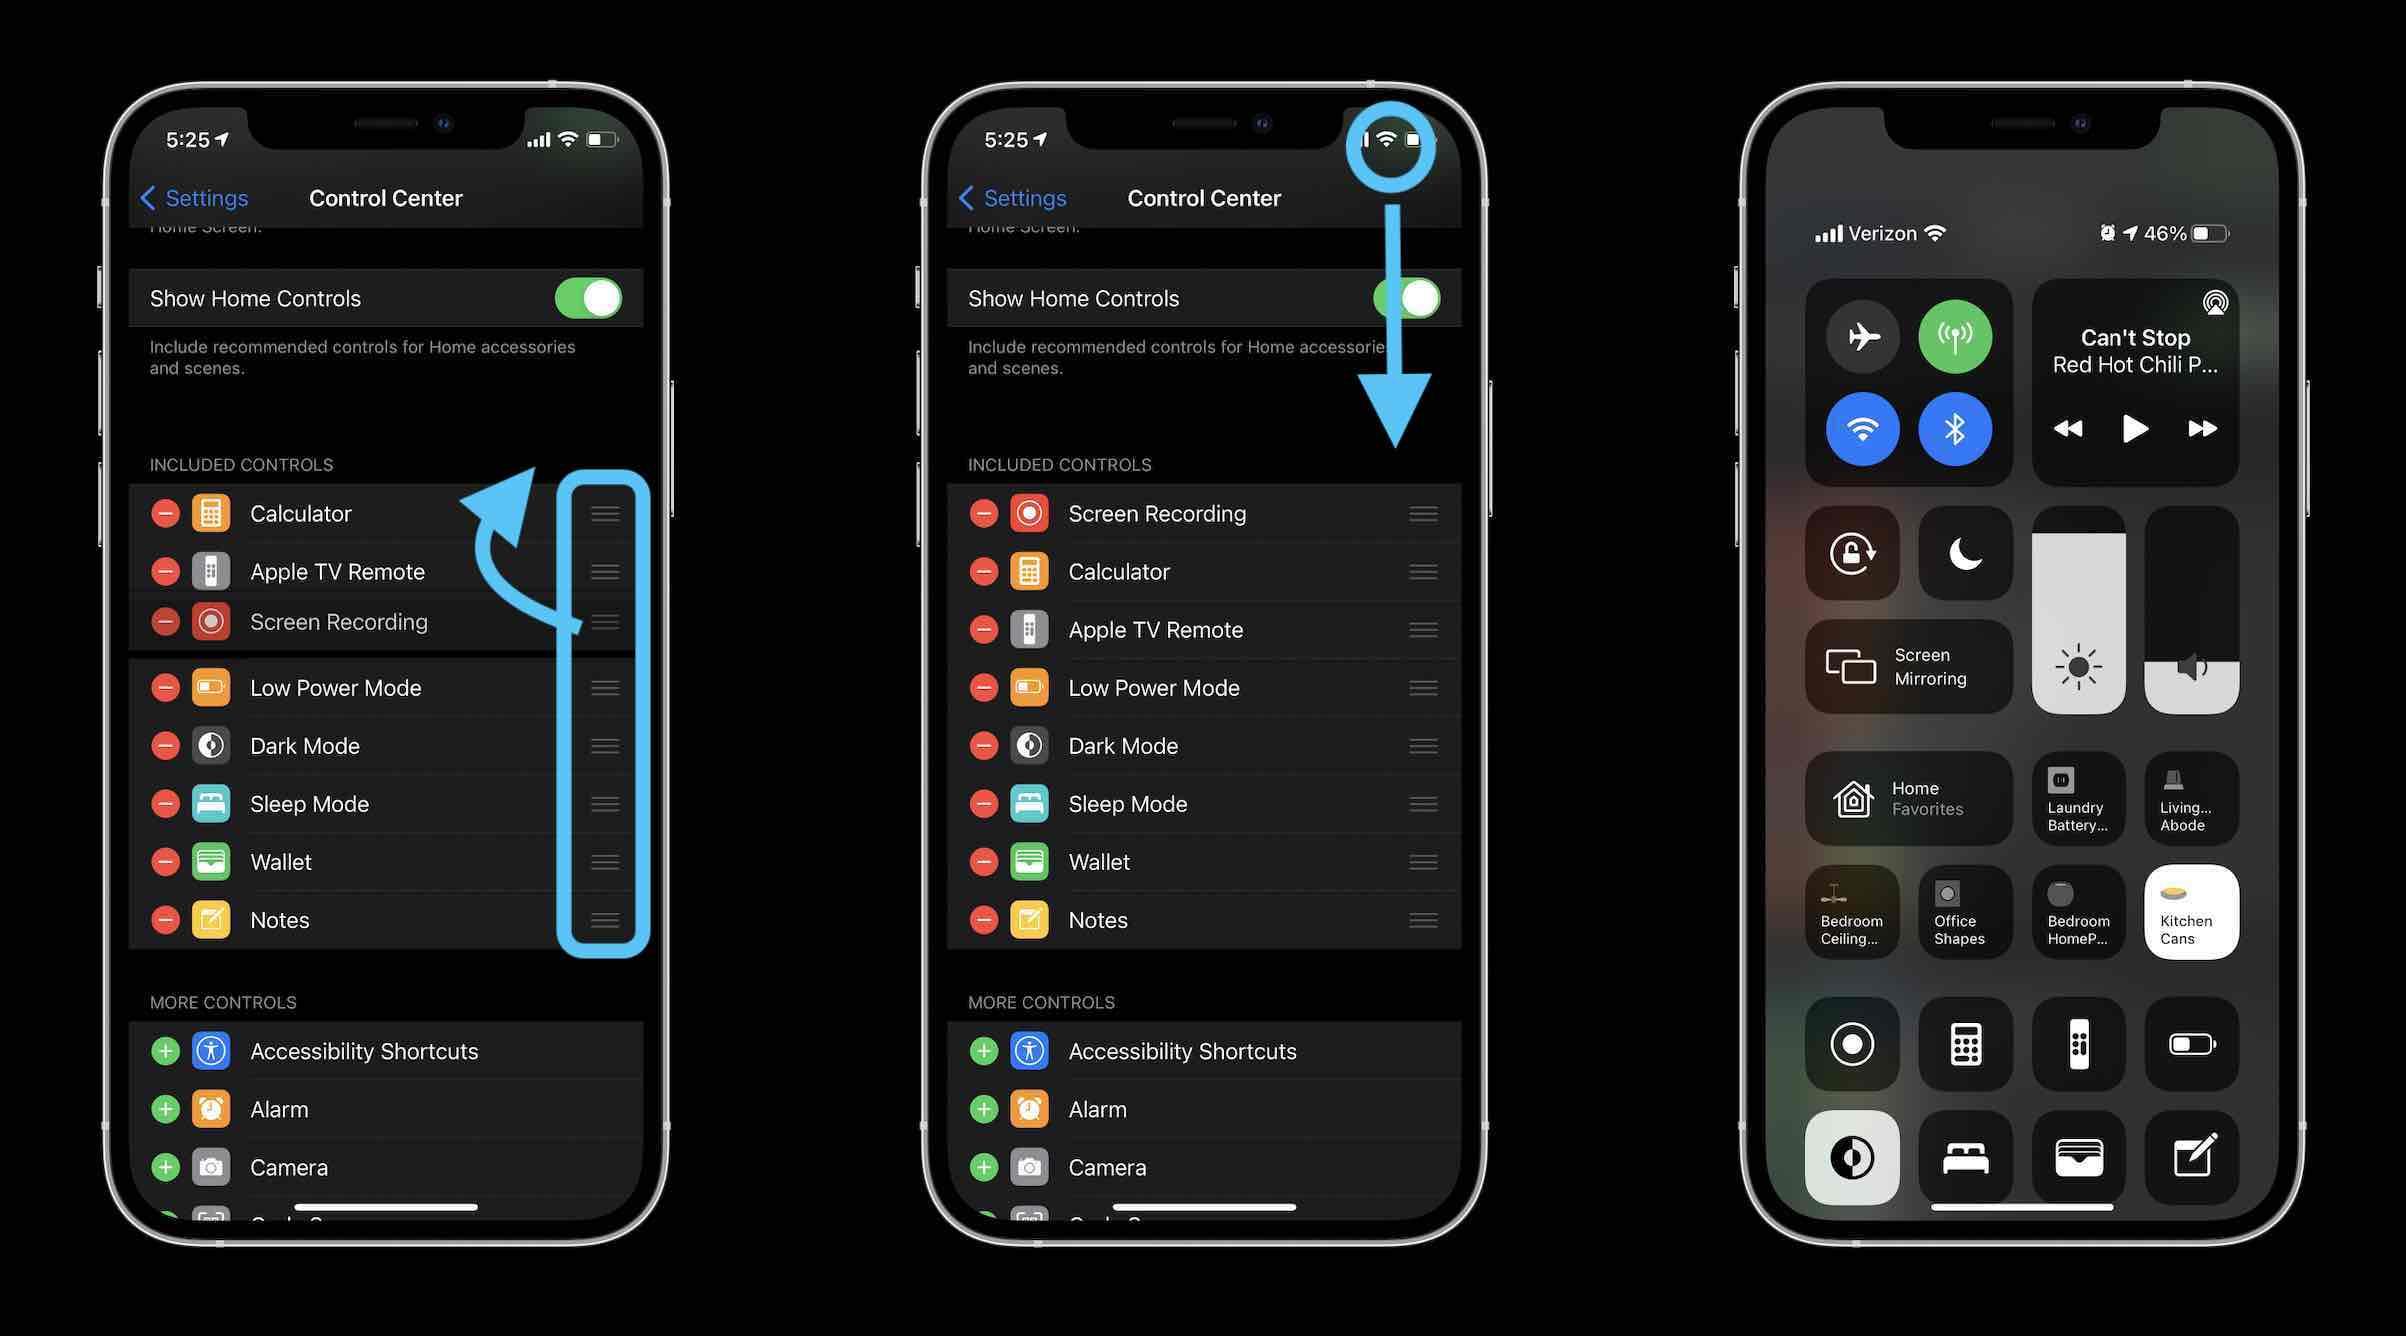 Как настроить Центр управления на iPhone и iPad в пошаговом руководстве 2 для iOS